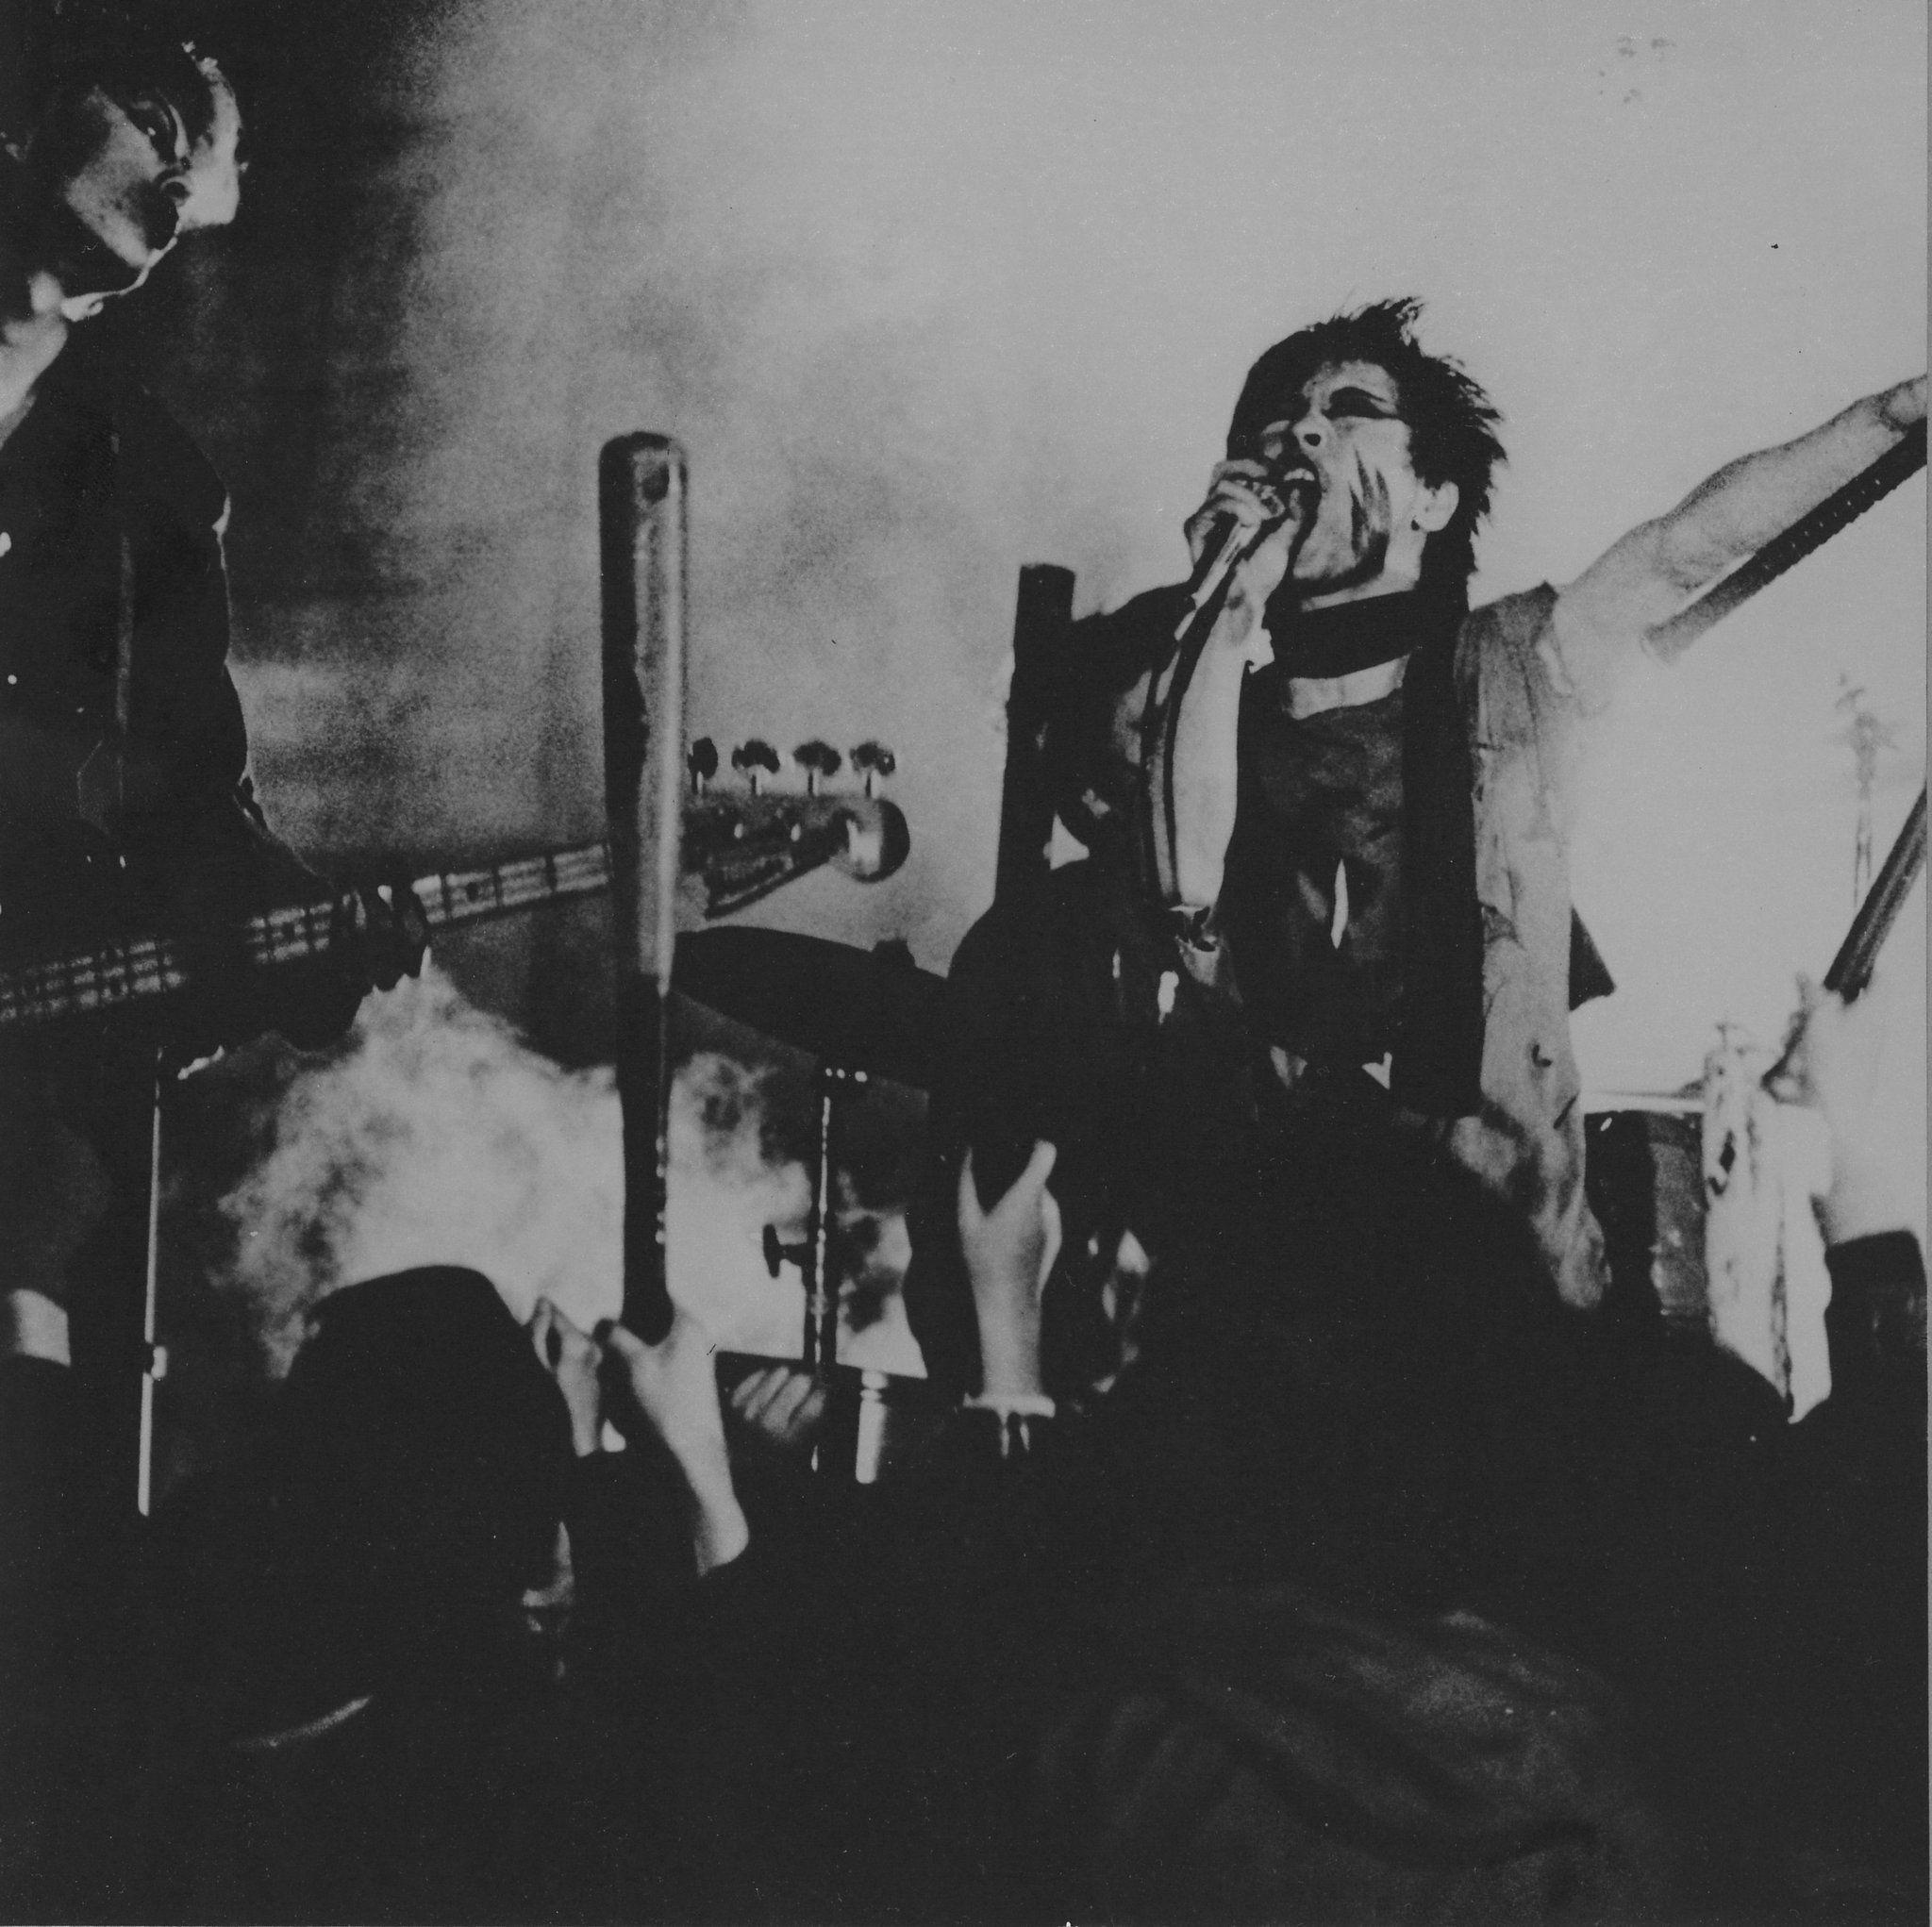 THE STALIN | スターリン, 伝説, パンクバンド